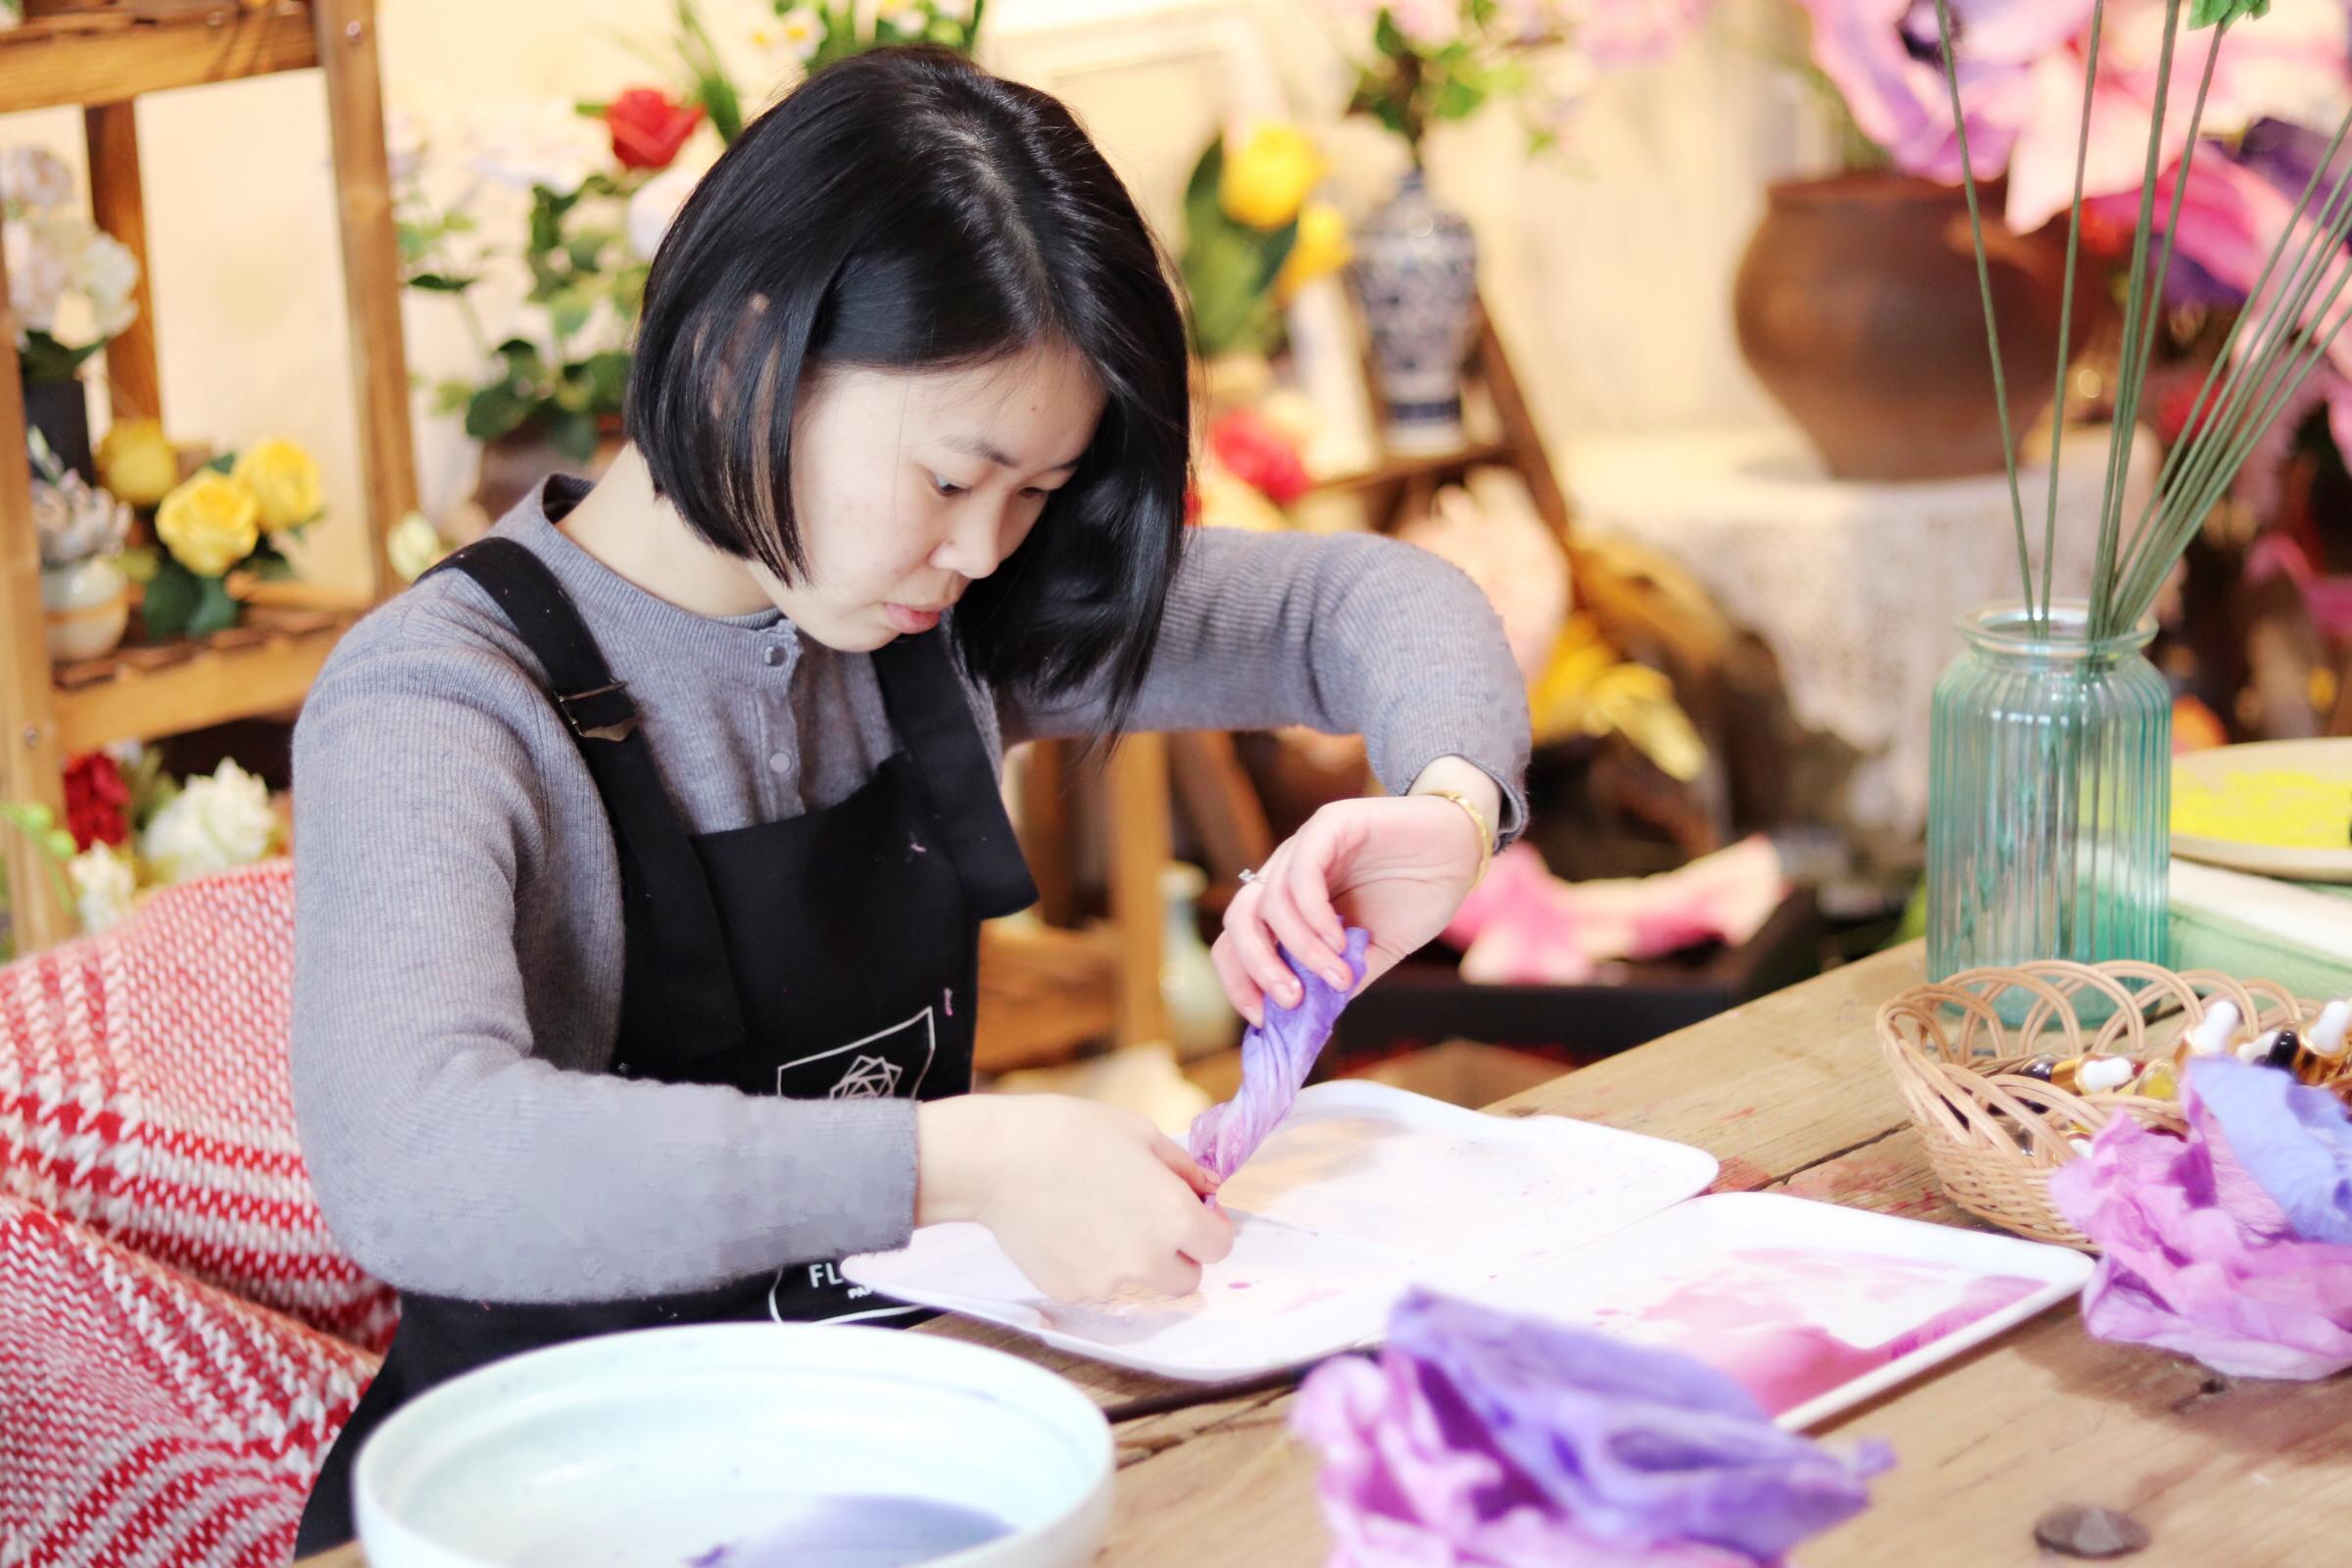 重庆江北希尔顿逸林酒店重现非物质文化遗产夏布之美-中国网地产